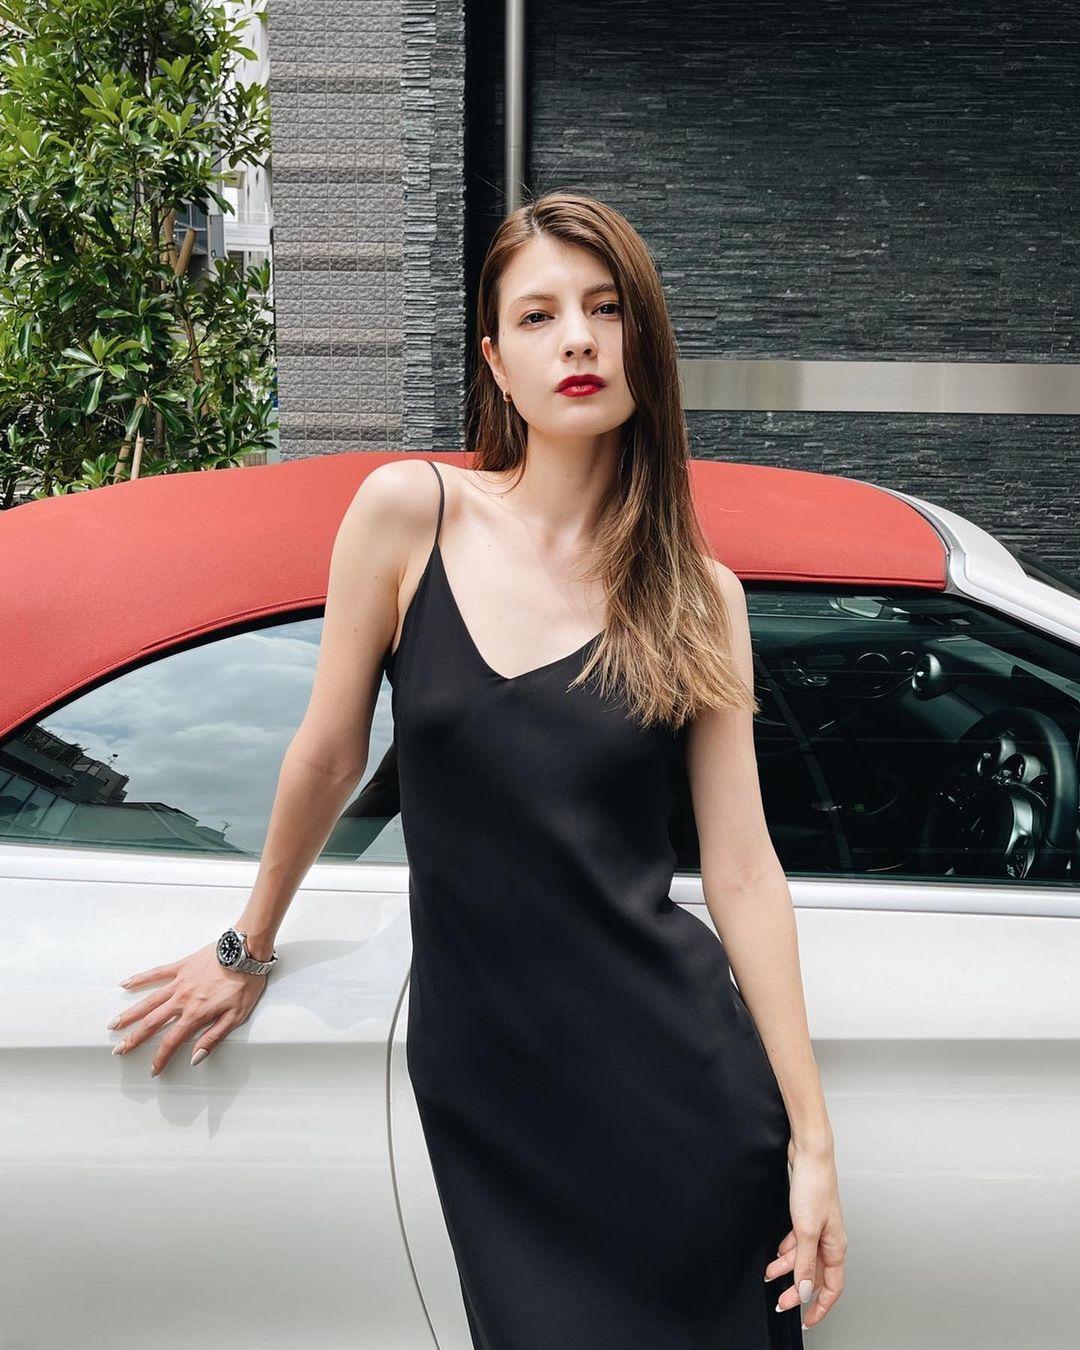 マギー「スタイル際立つ黒ドレス!」オトナな美脚でファン魅了【画像5枚】の画像005